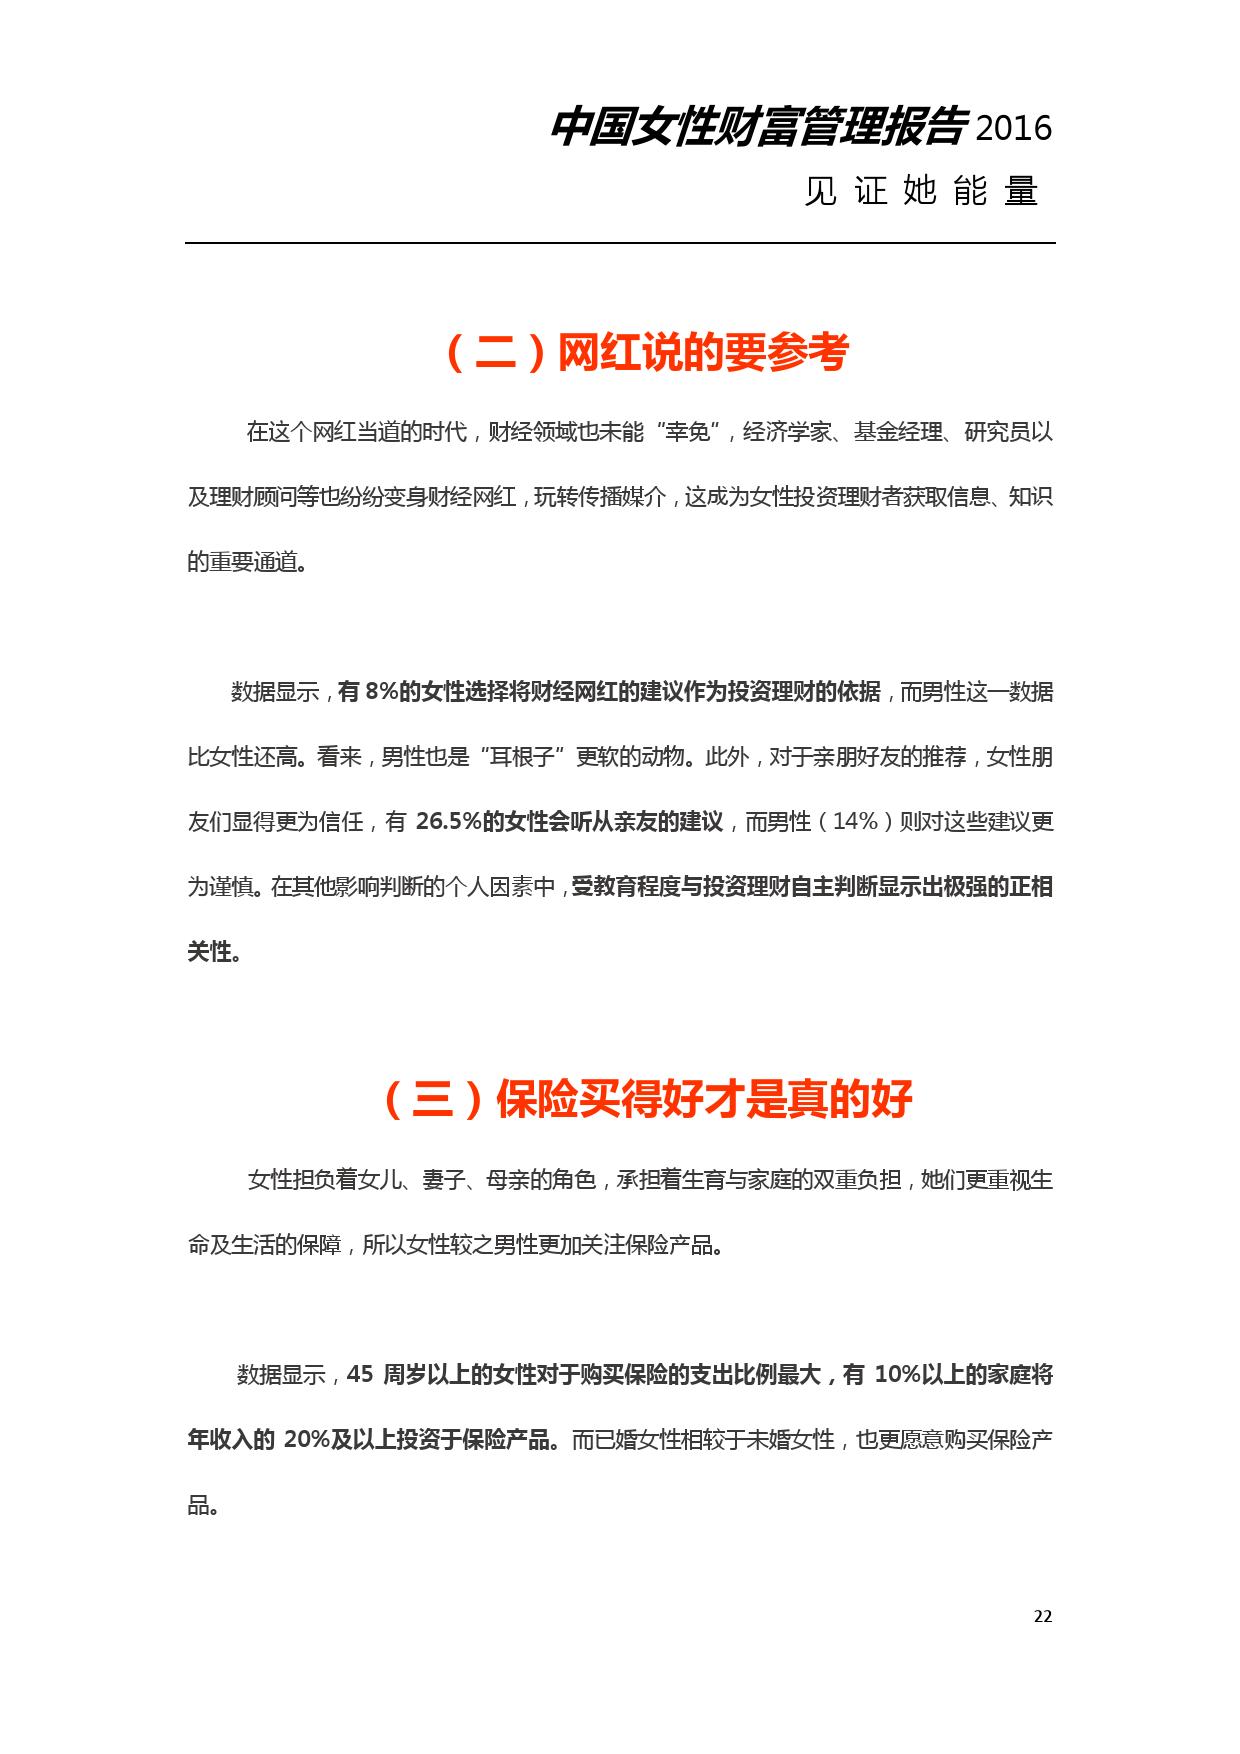 2016年中国女性财富管理报告_000022